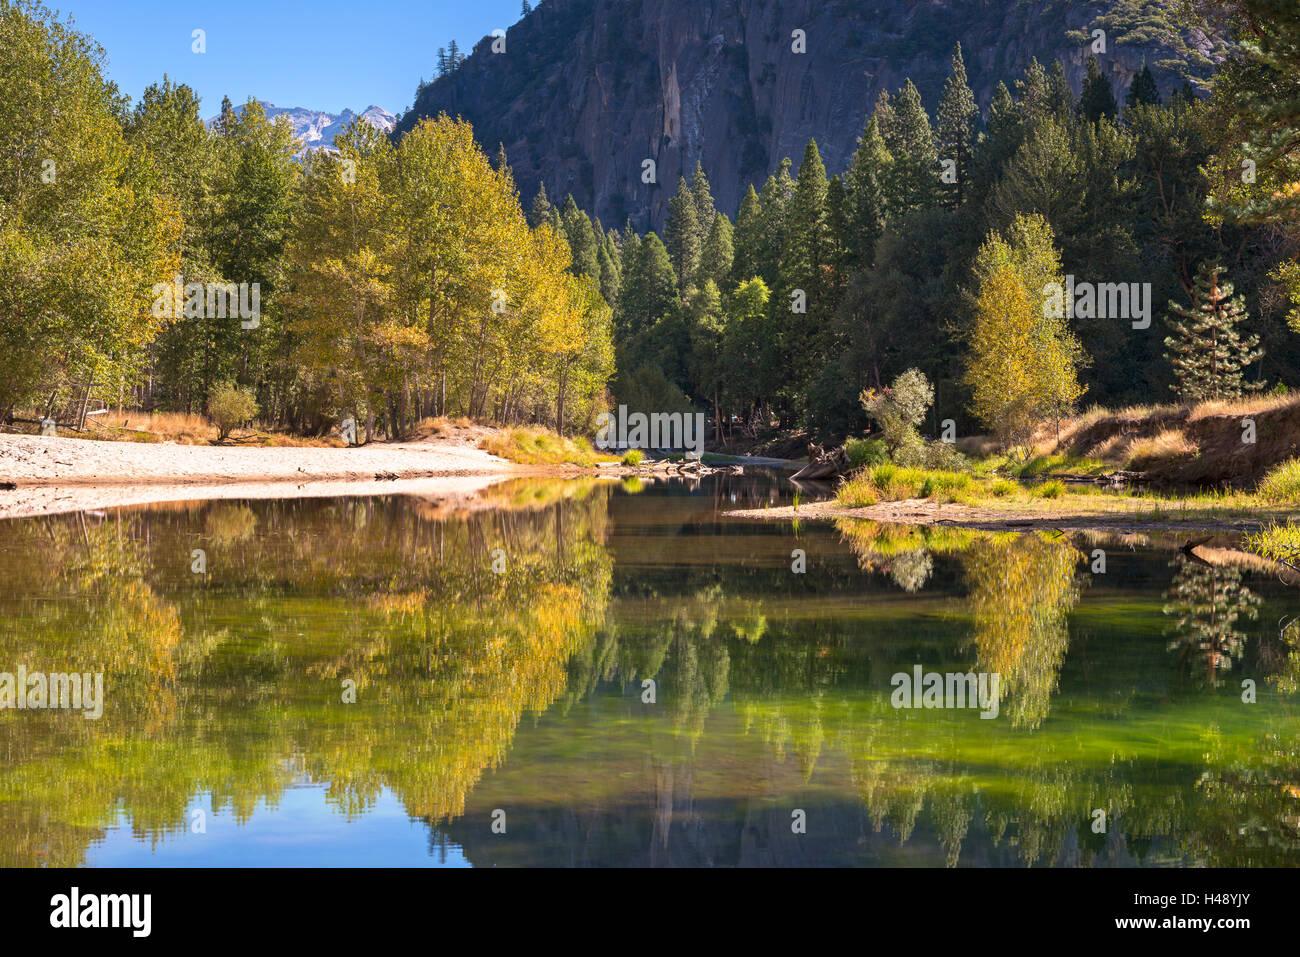 Colorido otoño los árboles flanquean el río Merced, en el valle de Yosemite, California, USA. Otoño Imagen De Stock